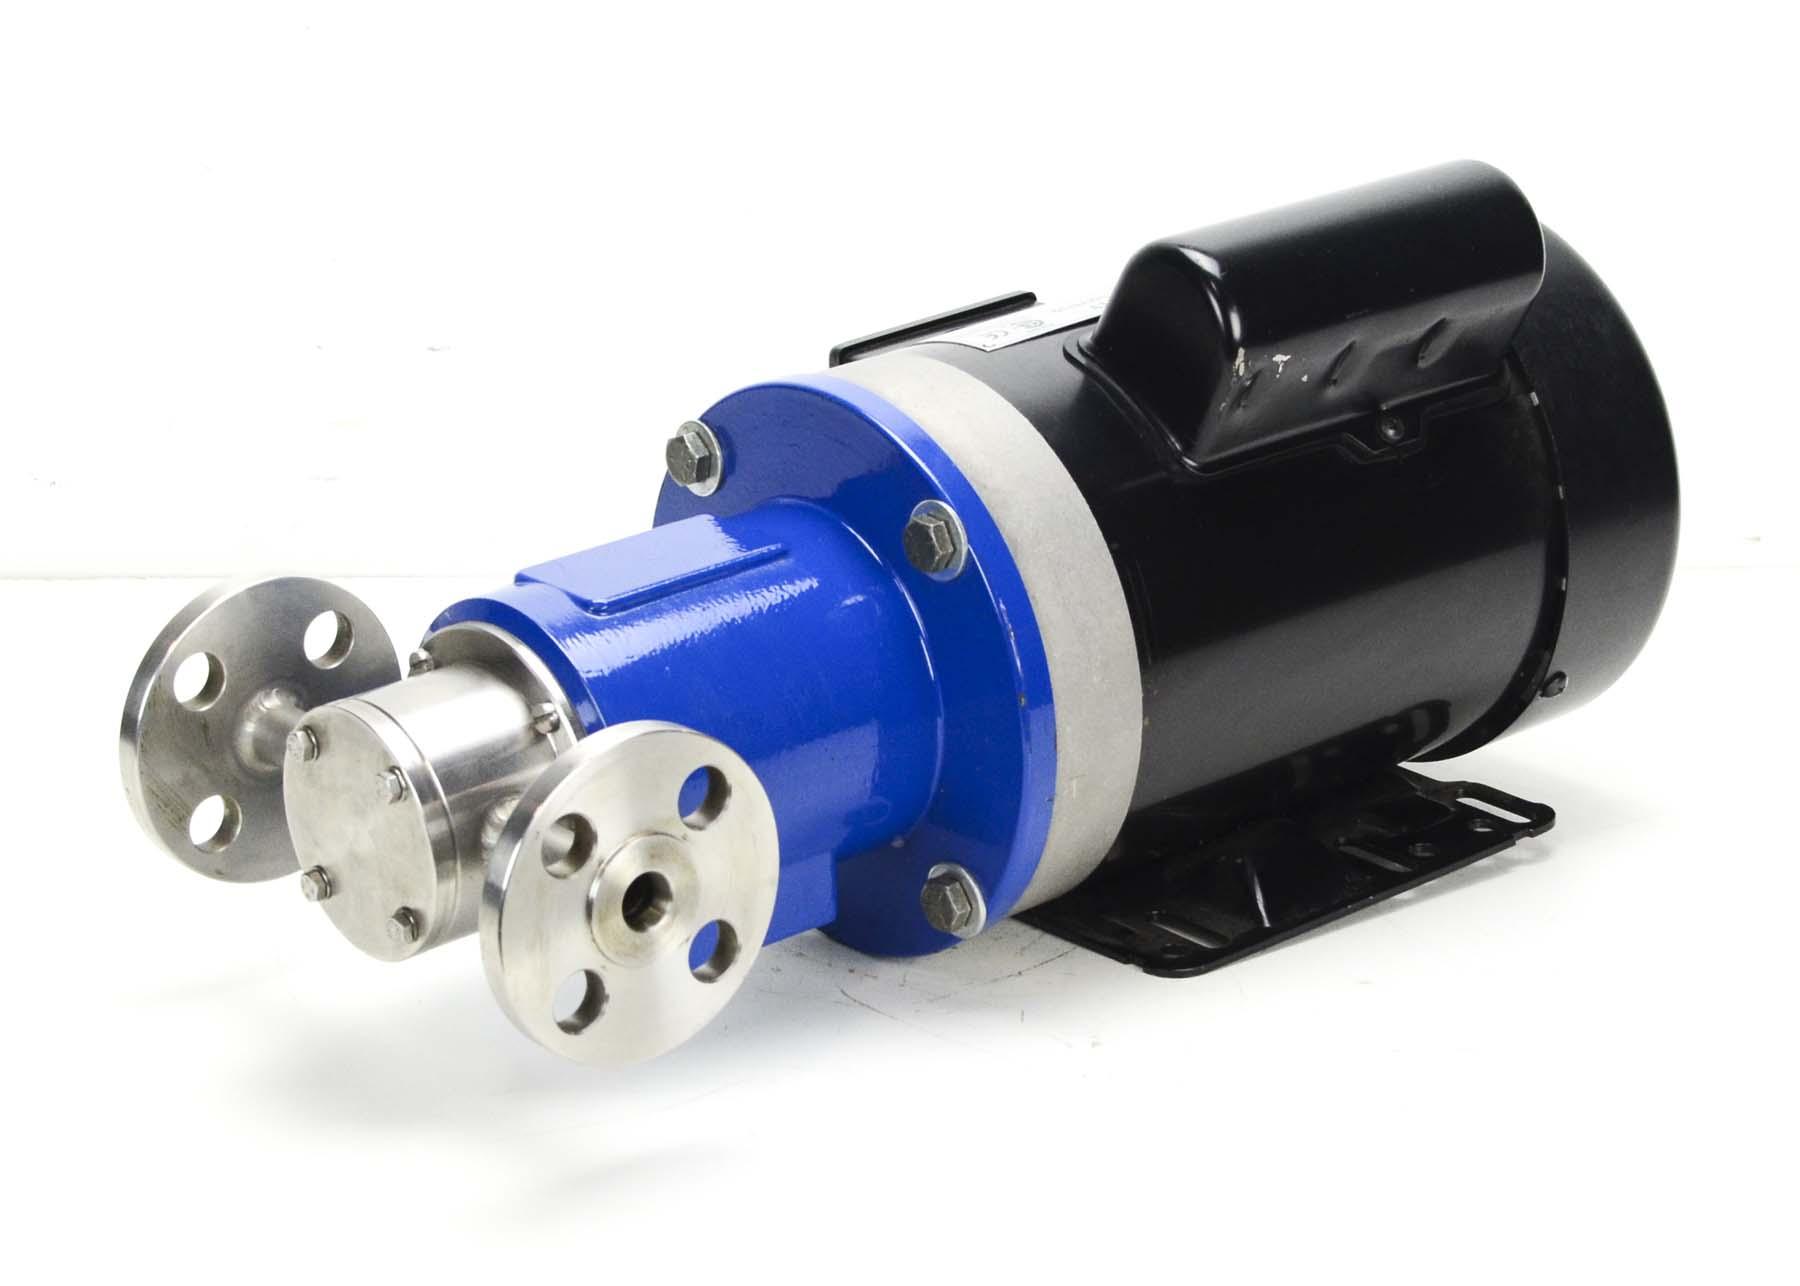 Caster MPA414SZF6 Pump